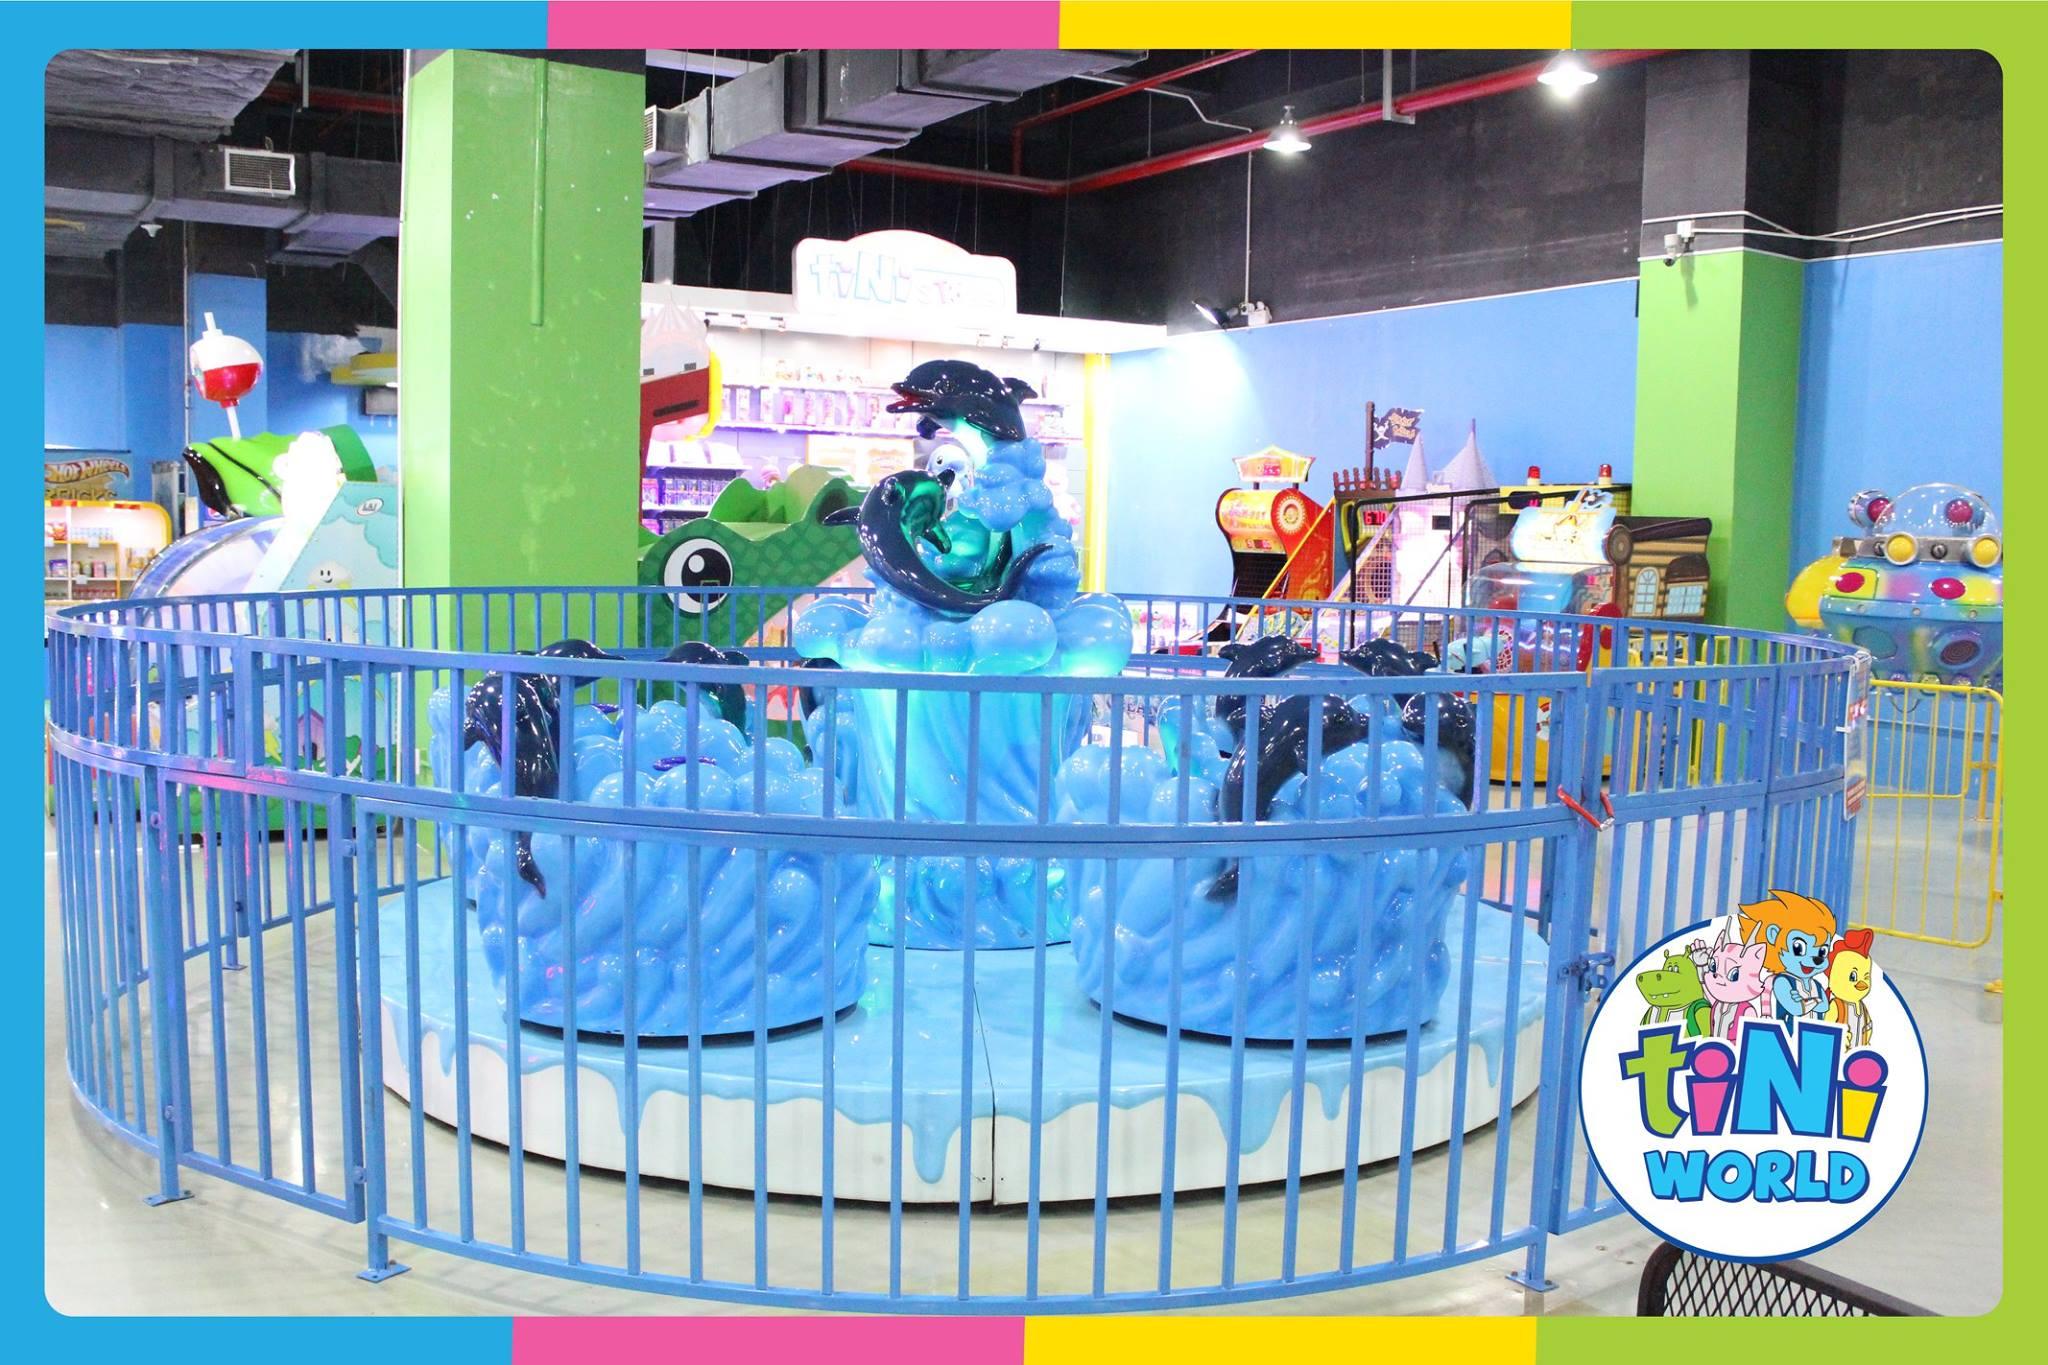 tiNiWorld Aeon Tân Phú